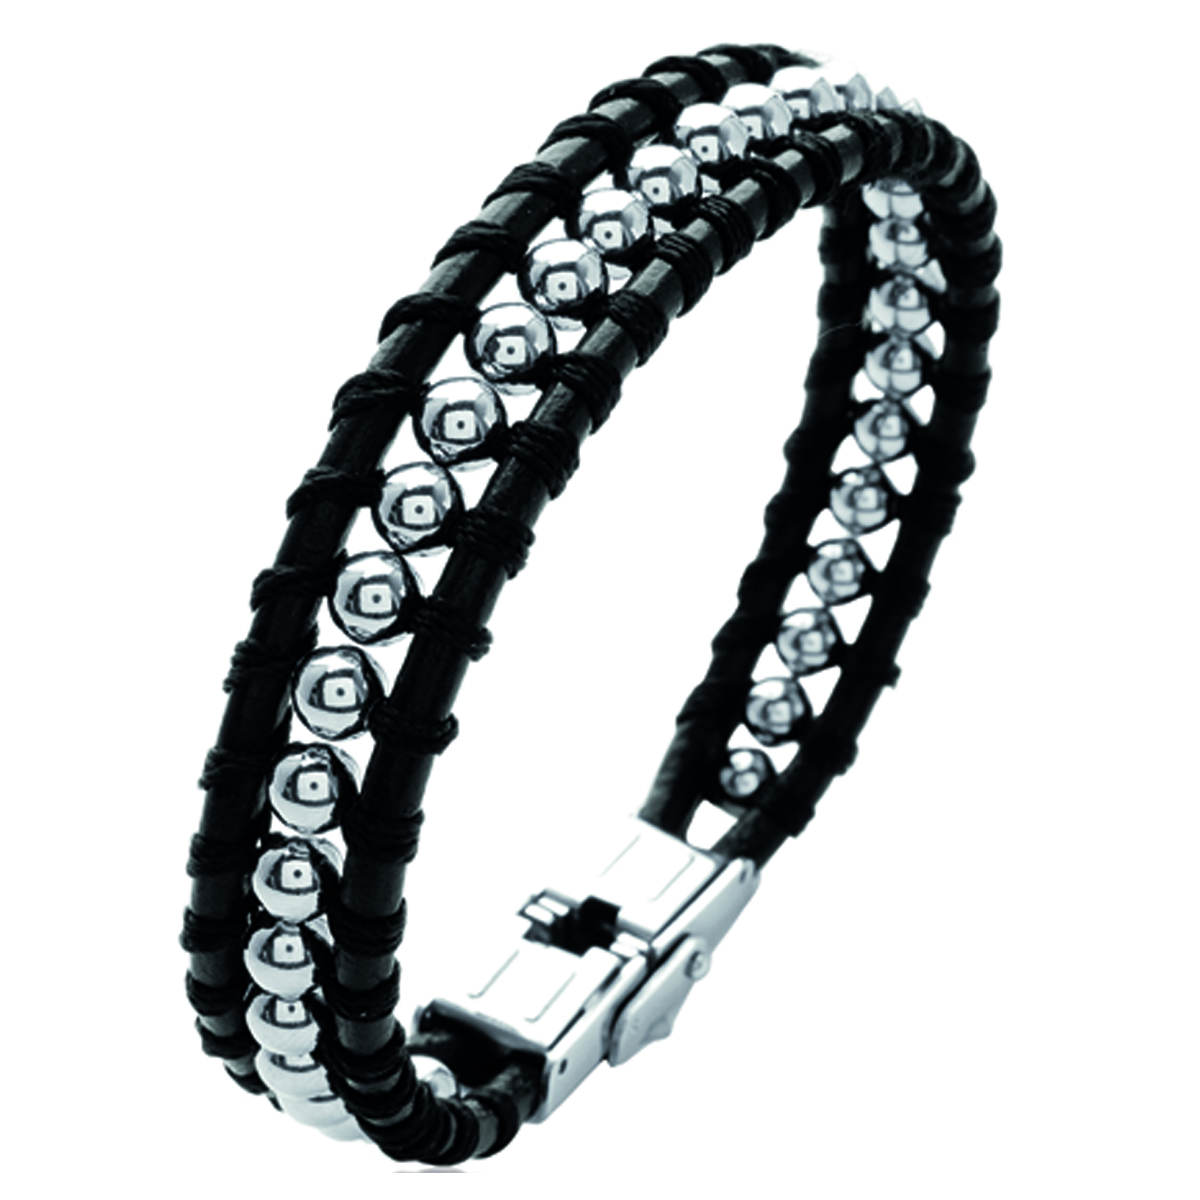 Bracelet acier \'Peaceful\' noir argenté - 19 cm 12 mm - [L0772]